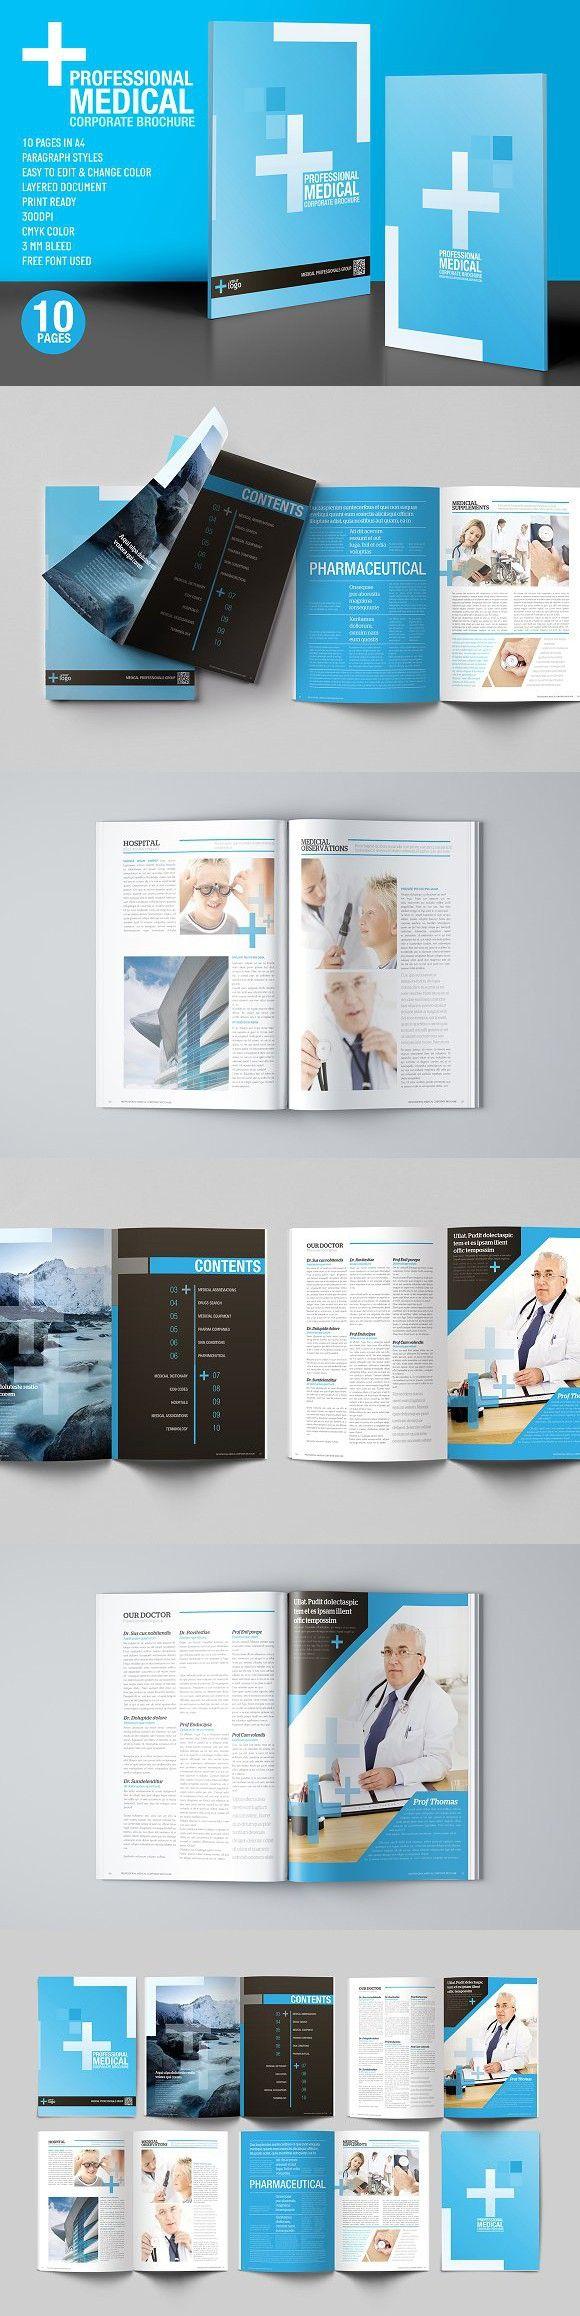 professional medical brochure design brochure templates brochure